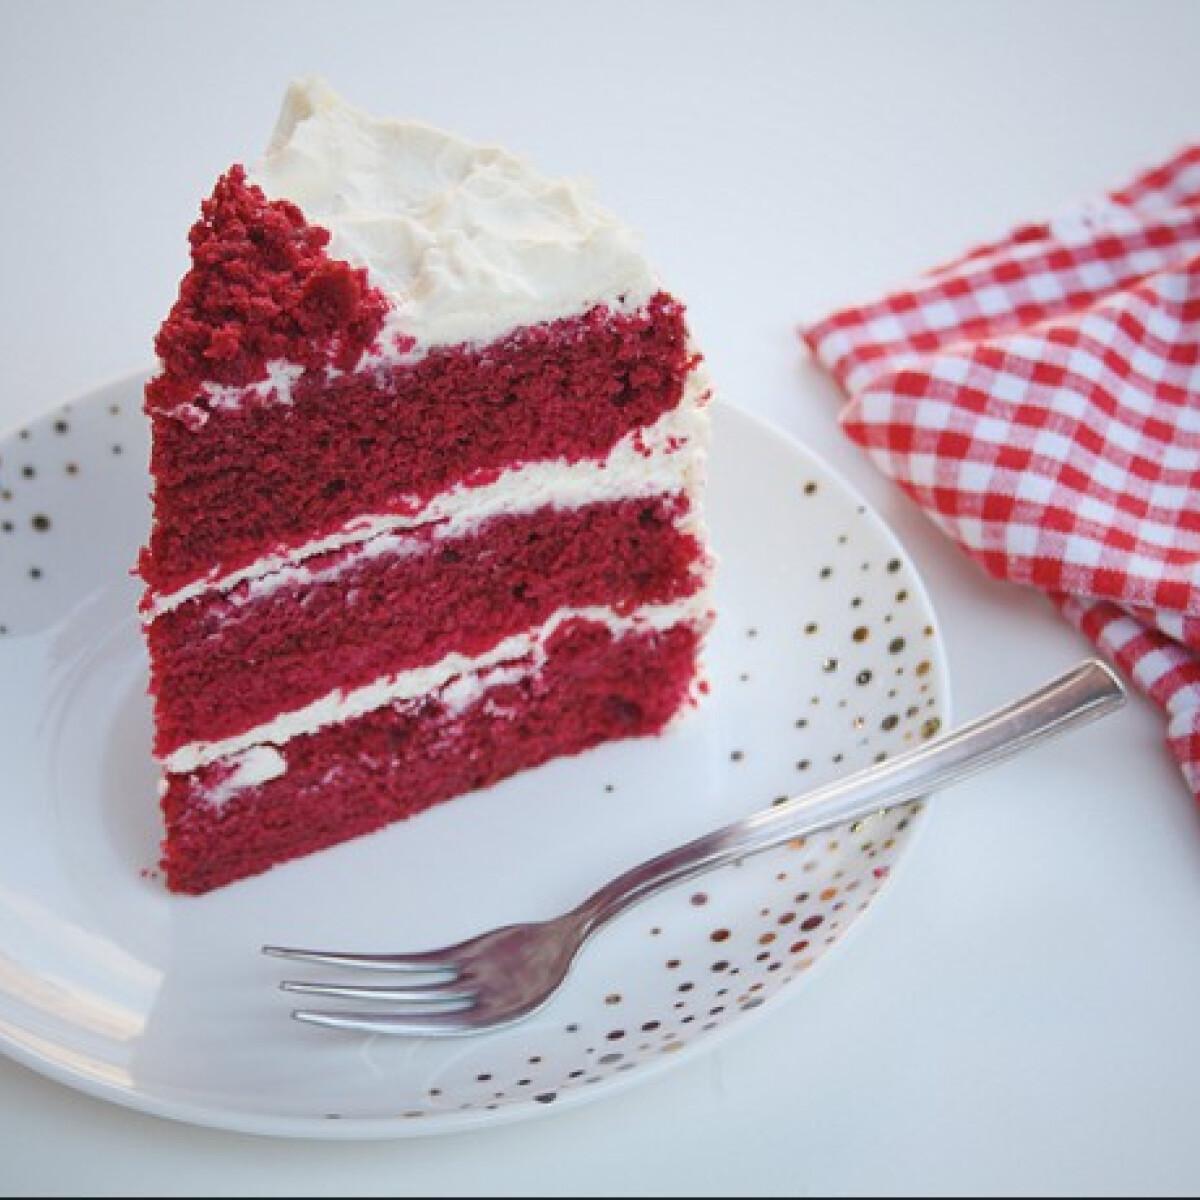 Ezen a képen: Red velvet- Vörösbársony-torta